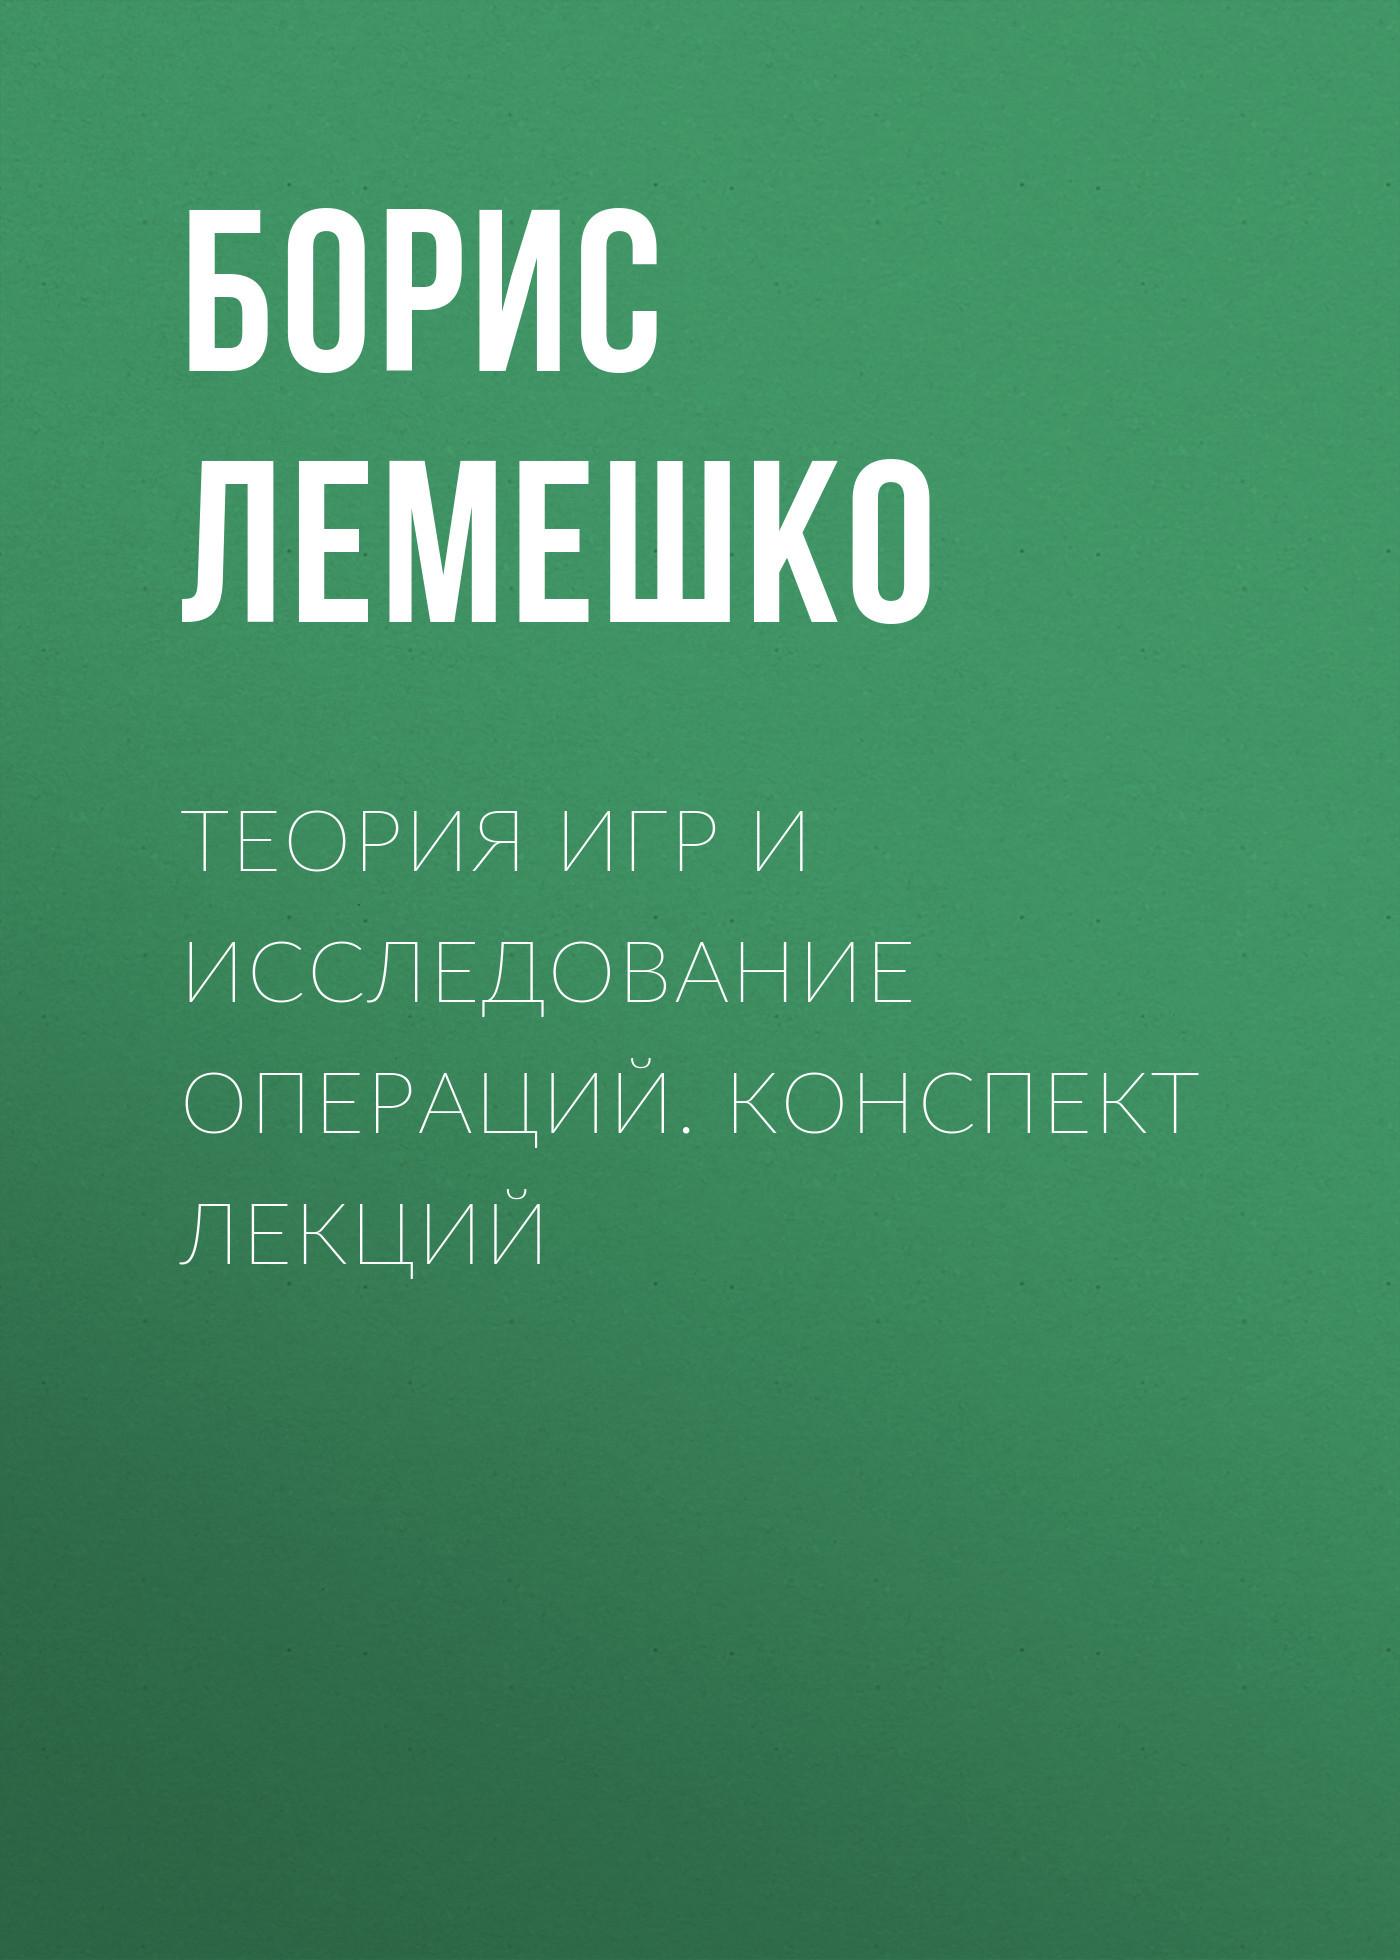 Борис Лемешко Теория игр и исследование операций. конспект лекций ISBN: 978-5-7782-2198-7 коллектив авторов теория обучения конспект лекций isbn 978 5 699 25593 1